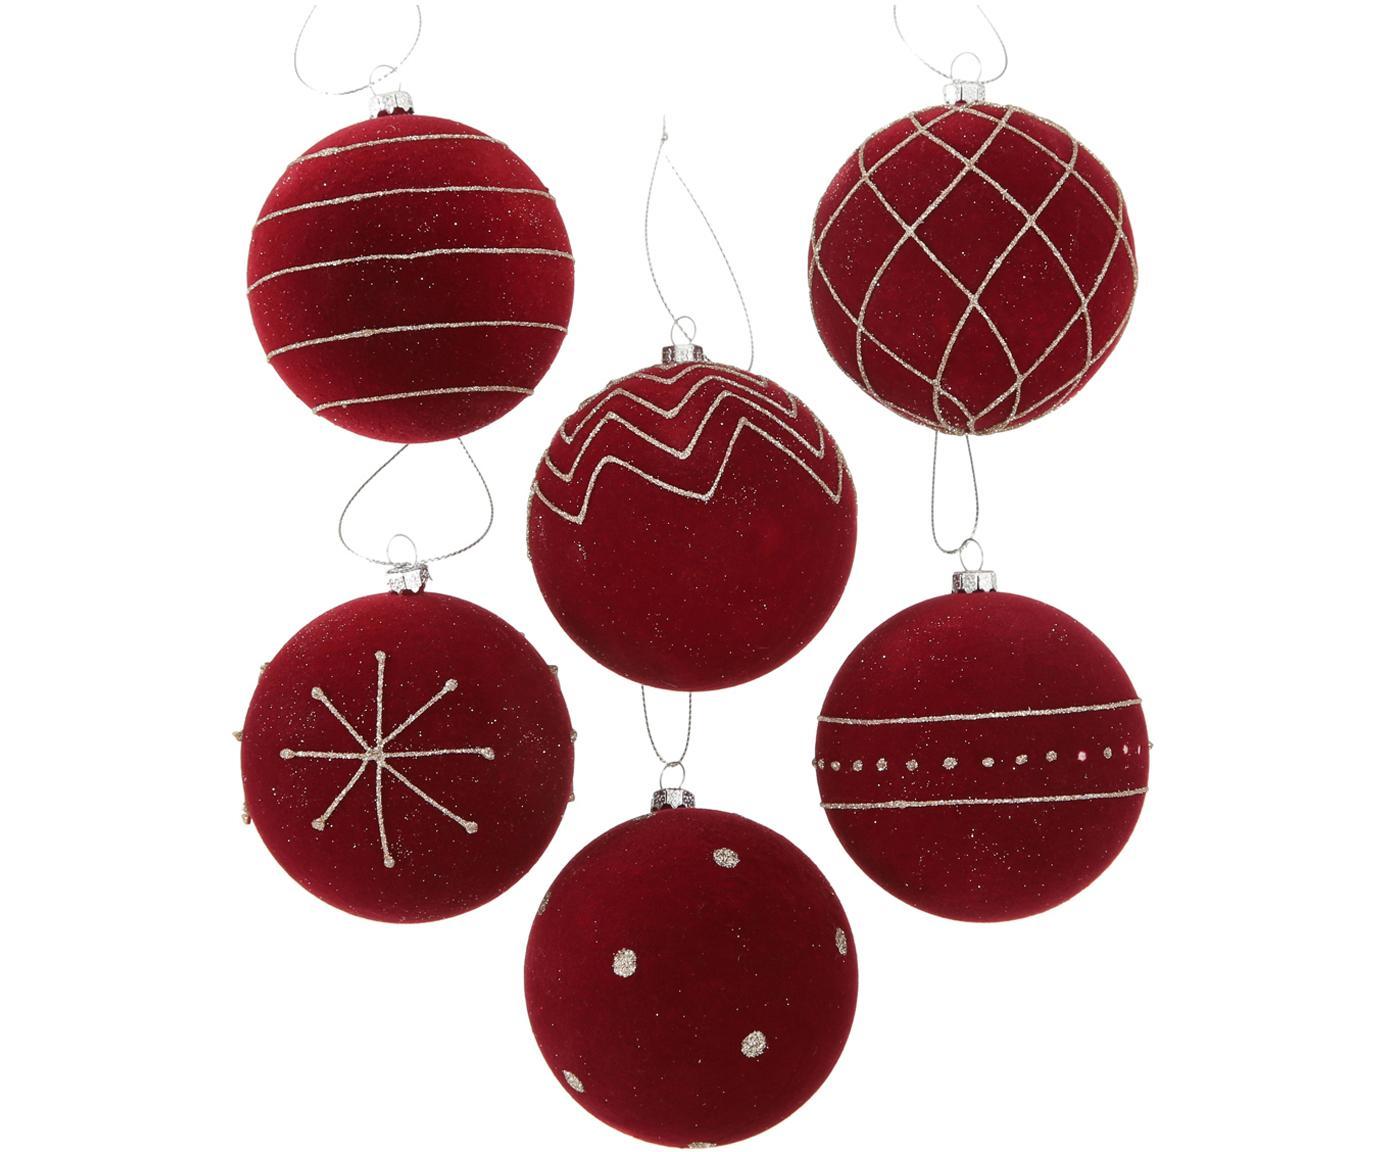 Kerstballenset Melitia, 6-delig, Rood, zilverkleurig, Ø 8 x H 8 cm